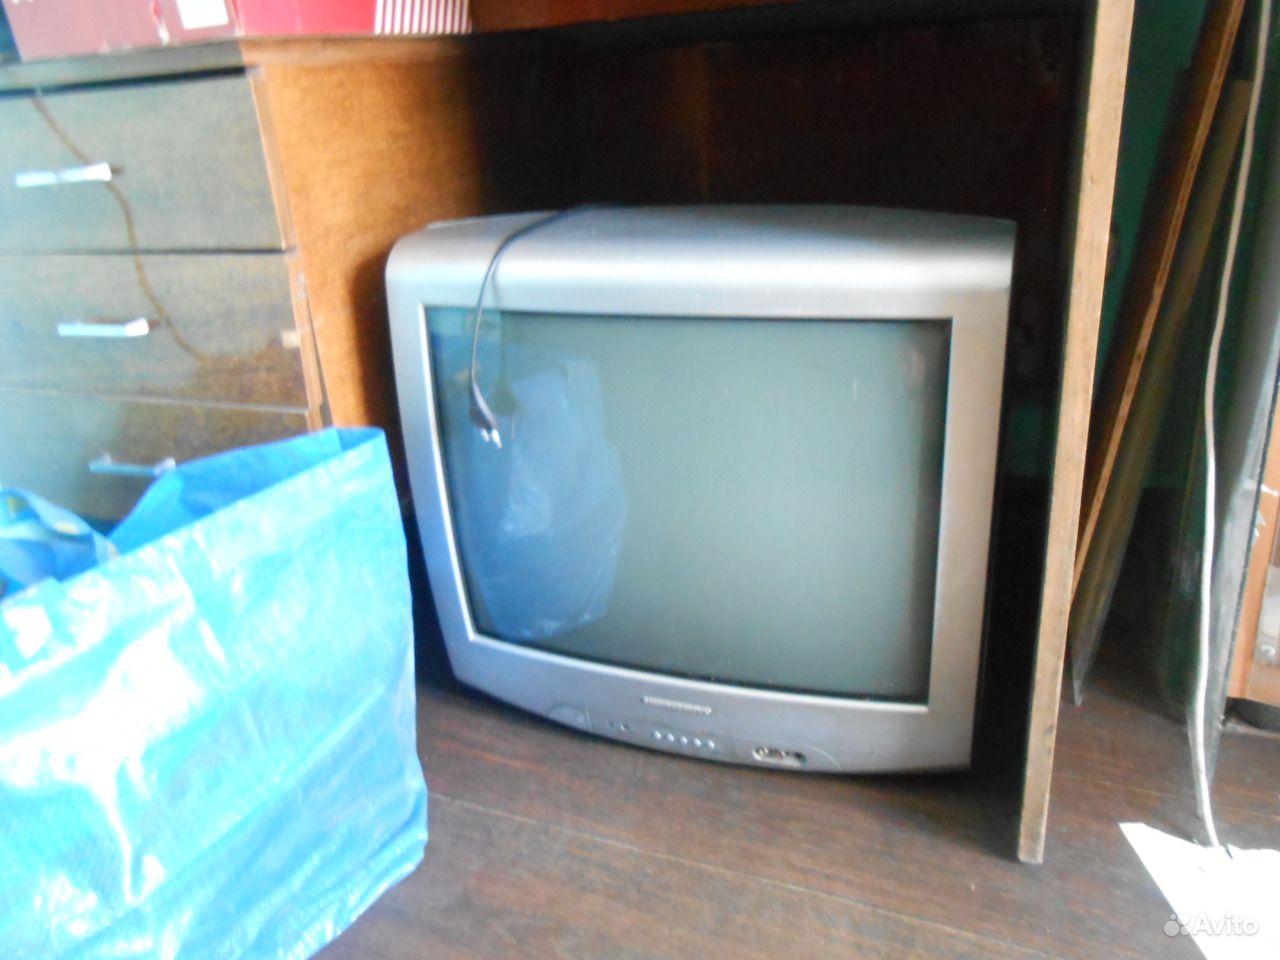 Чёрно-белый лампово-транзисторный телевизор с диагональю экрана 65 см «горизонт» в серийное производство был запущен с года.